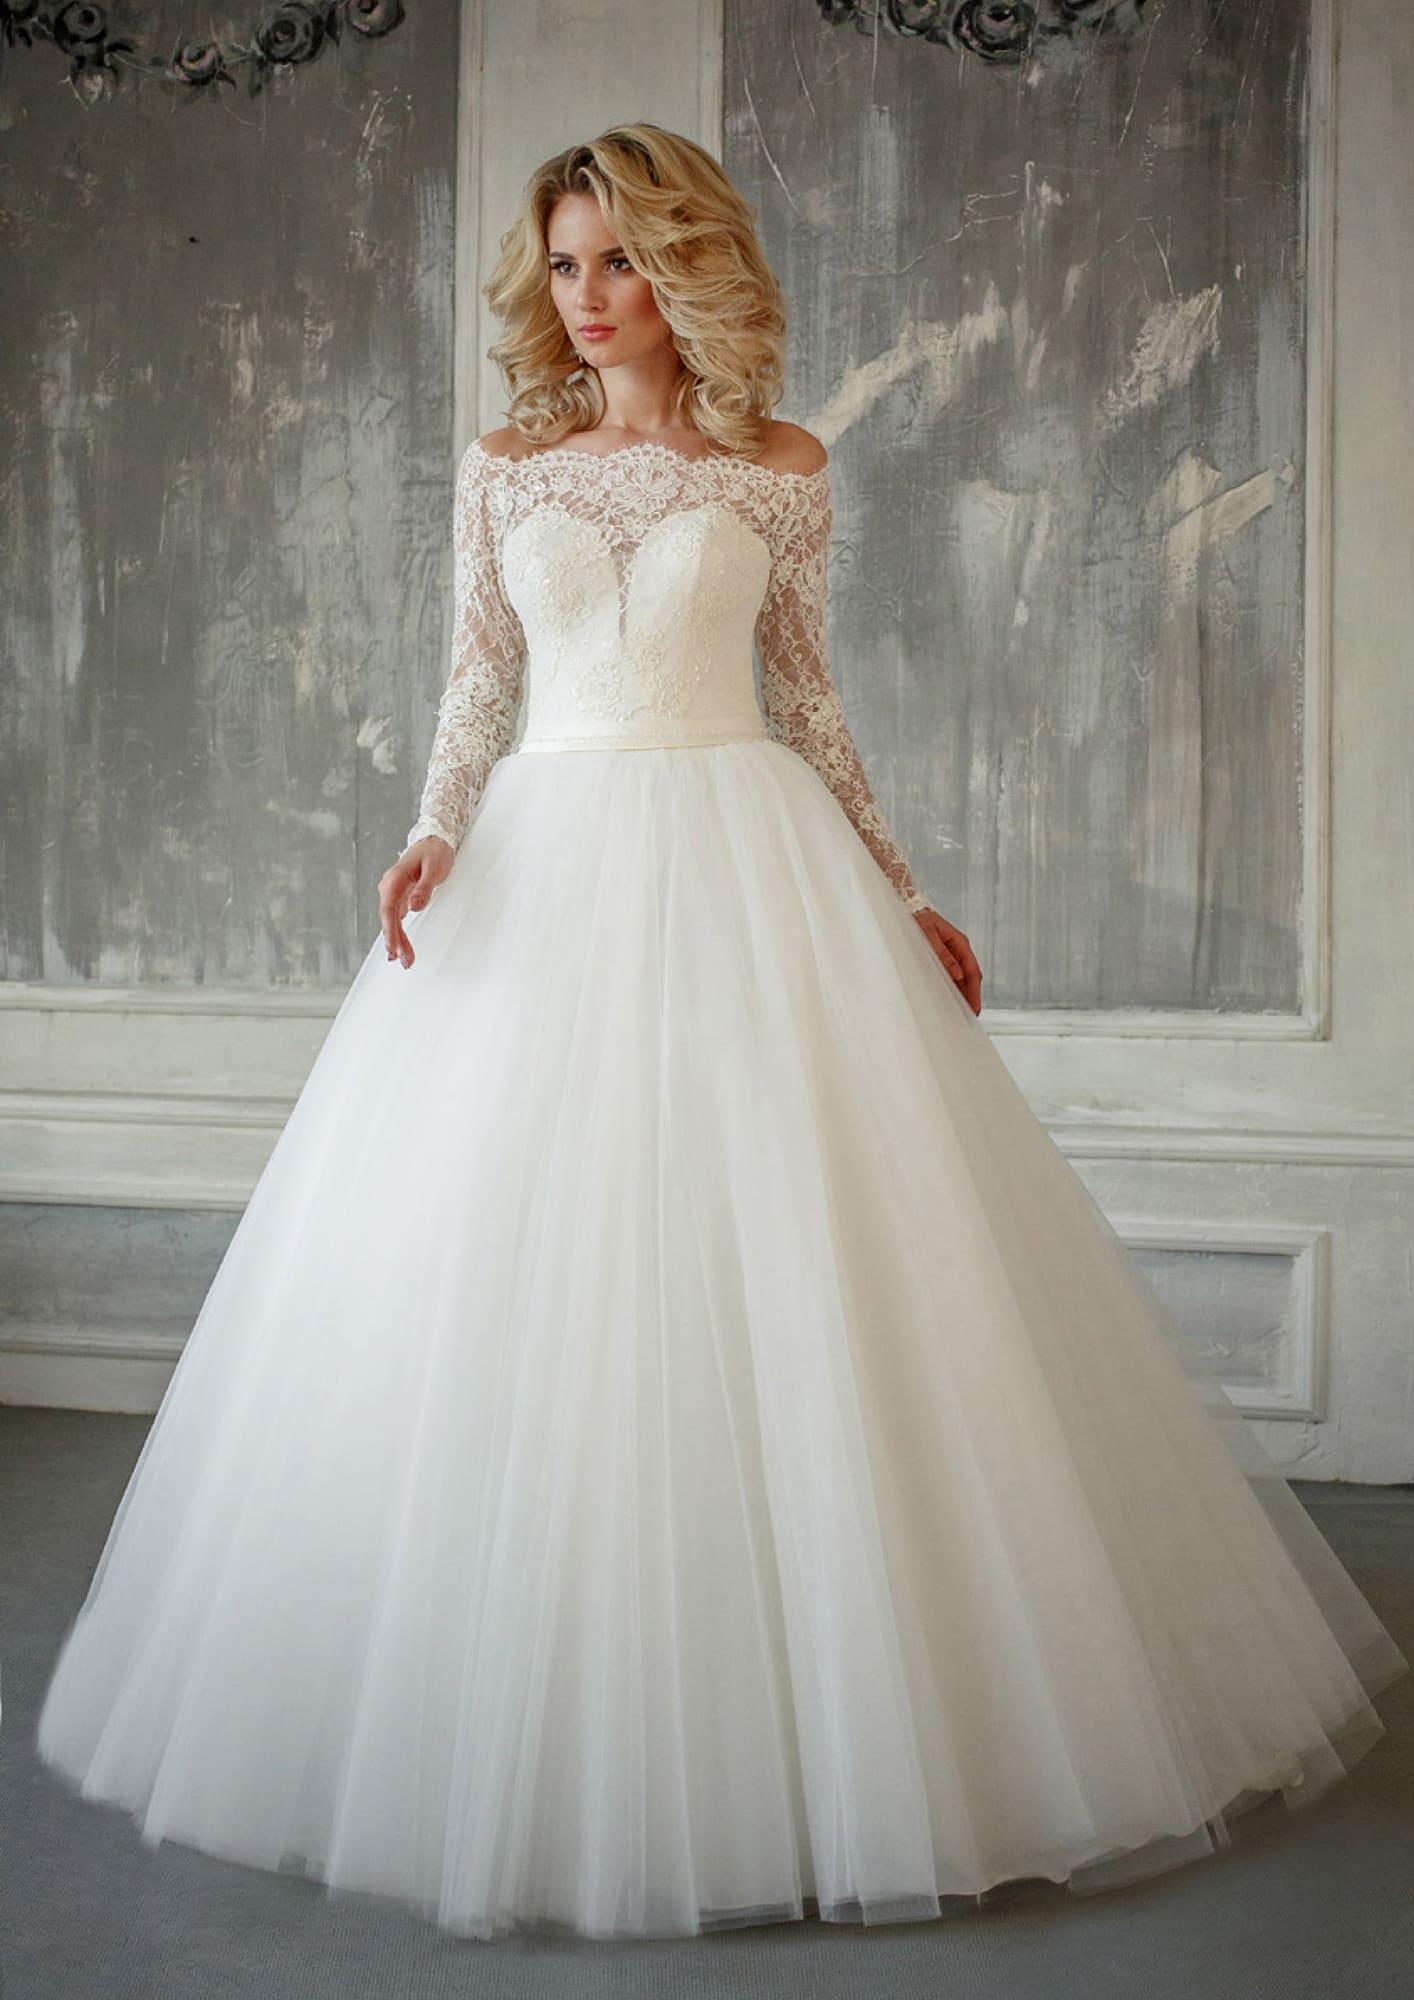 92e85b77ef0e470 Воздушное свадебное платье с кружевным рукавом, открытыми плечами и поясом  на талии.